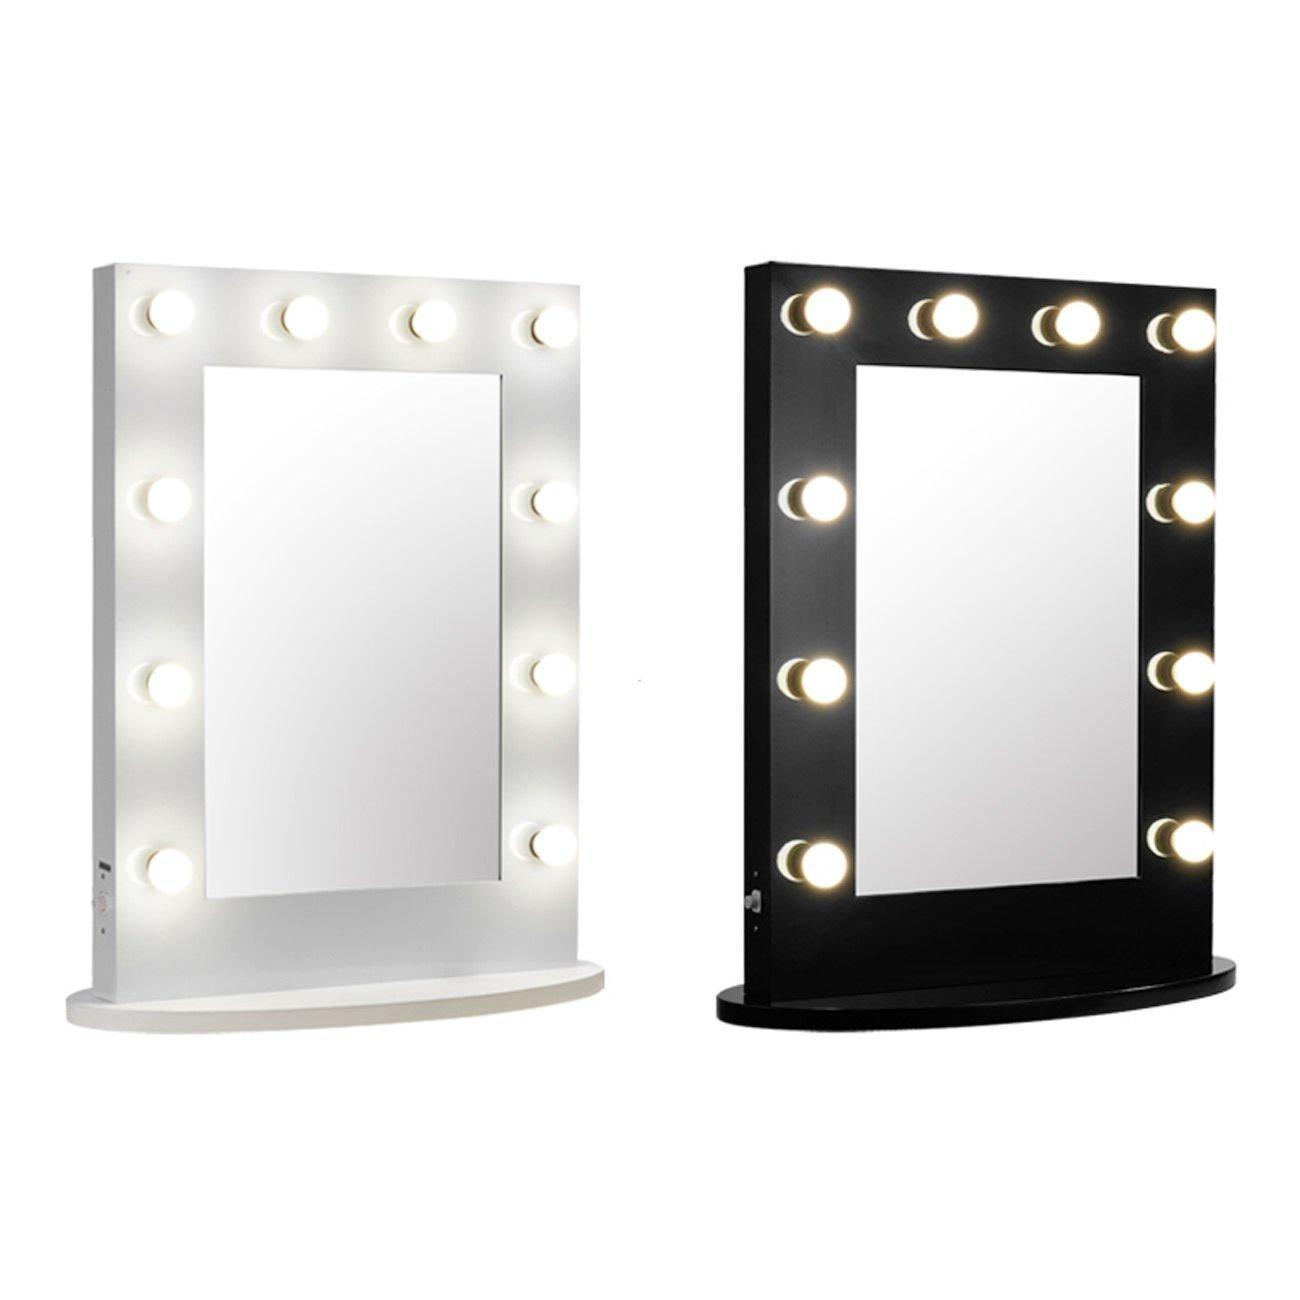 TOP 10 Wall lighted makeup mirror 2019  Warisan Lighting